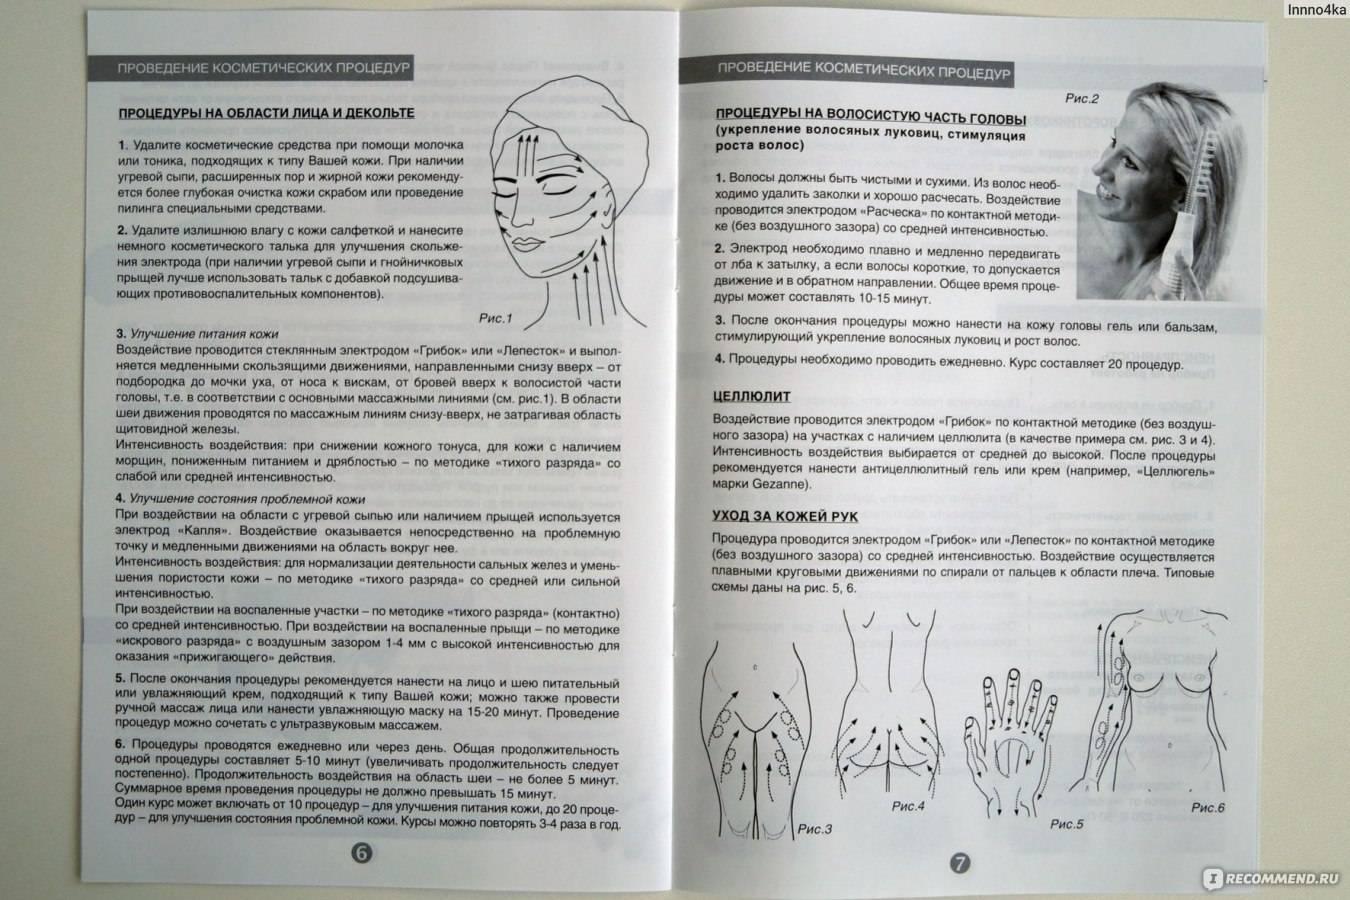 Применение аппарата дарсонваль для лица в салоне и в домашних условиях